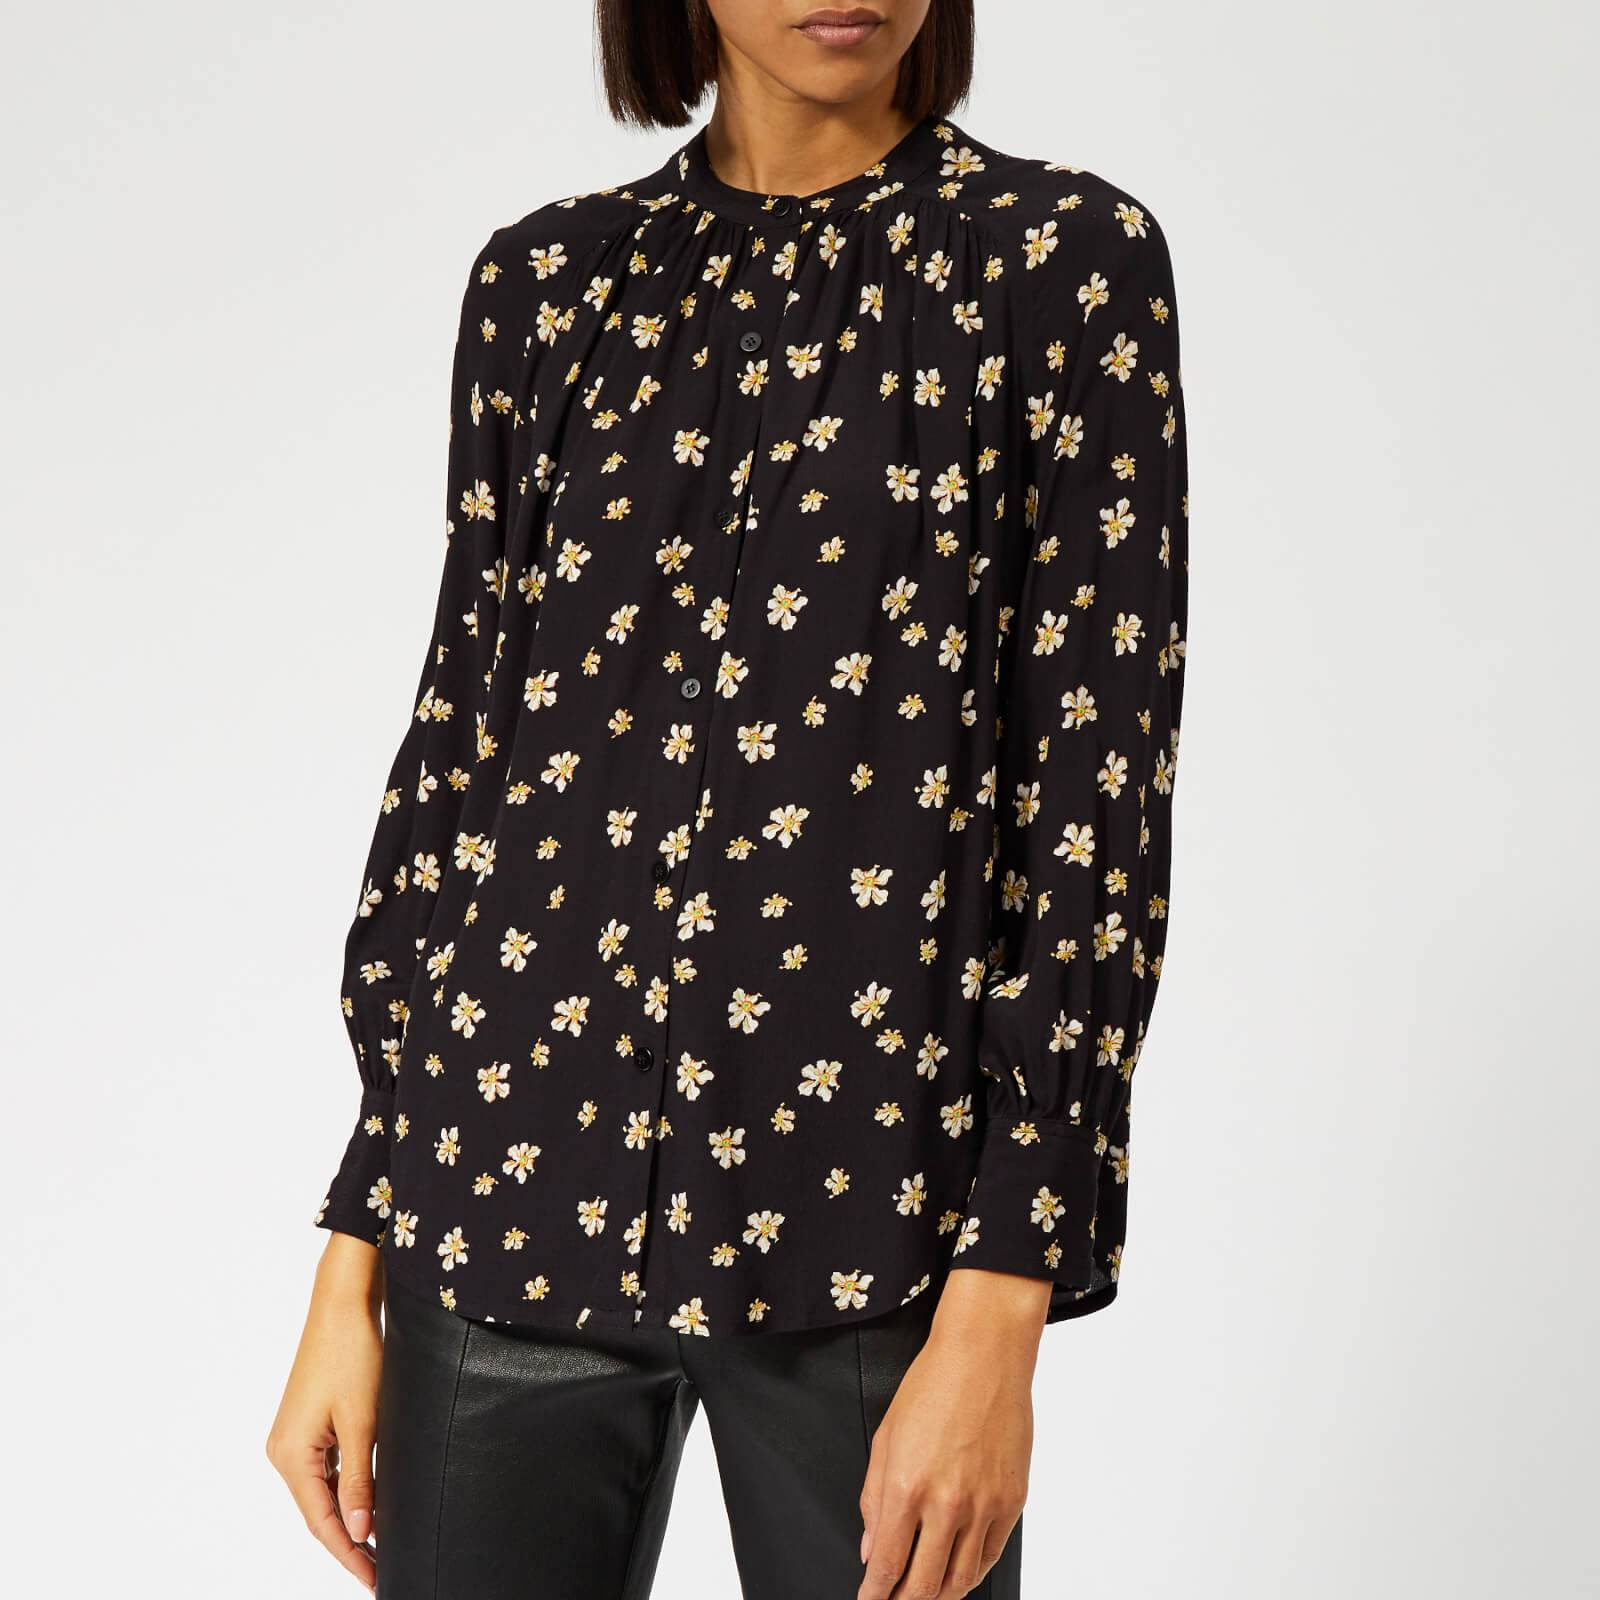 Whistles Women's Edelweiss Print Blouse - Black/Multi - UK 6 - Black